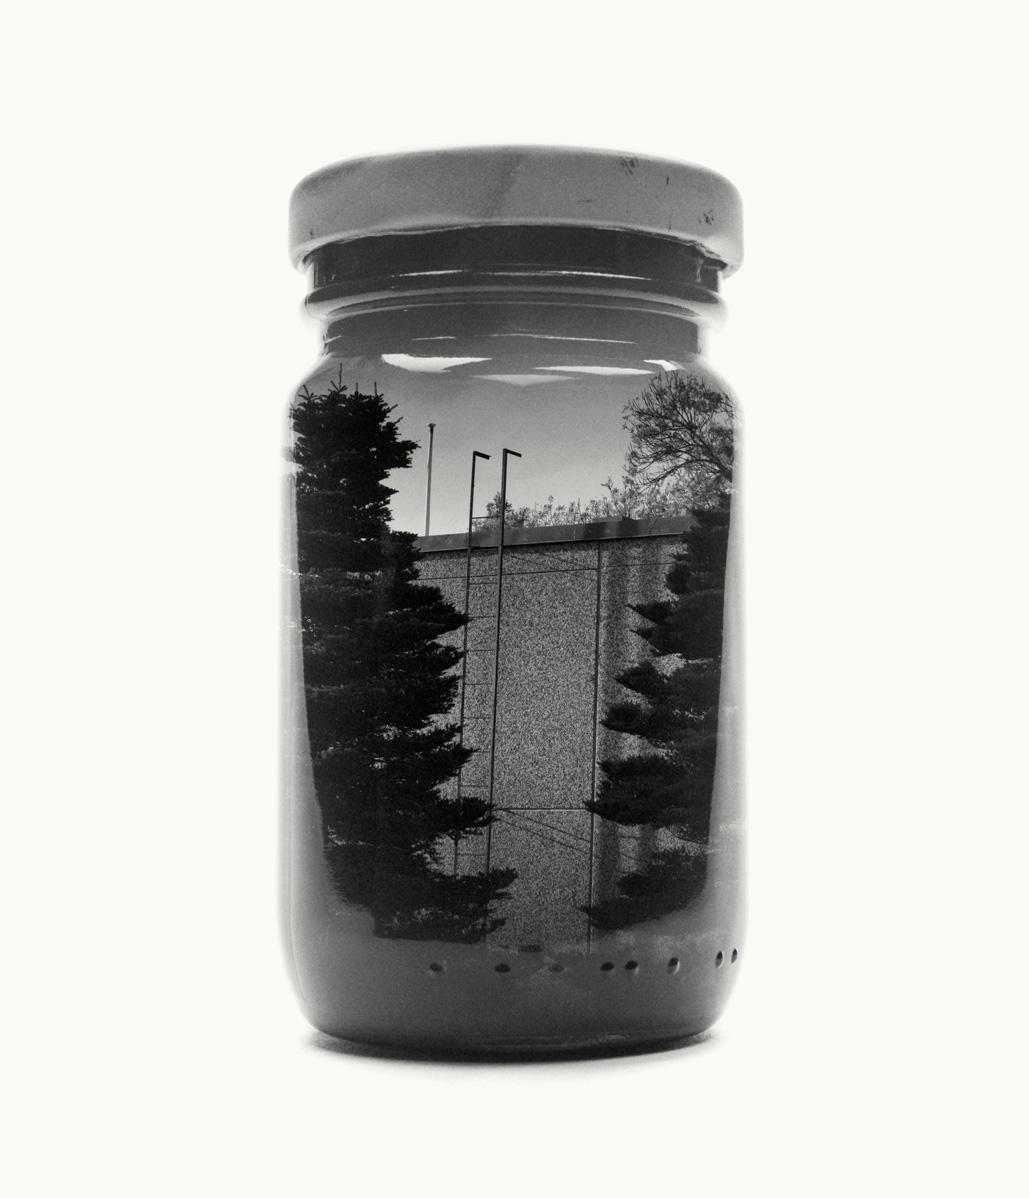 paysage-finlande-bocal-06